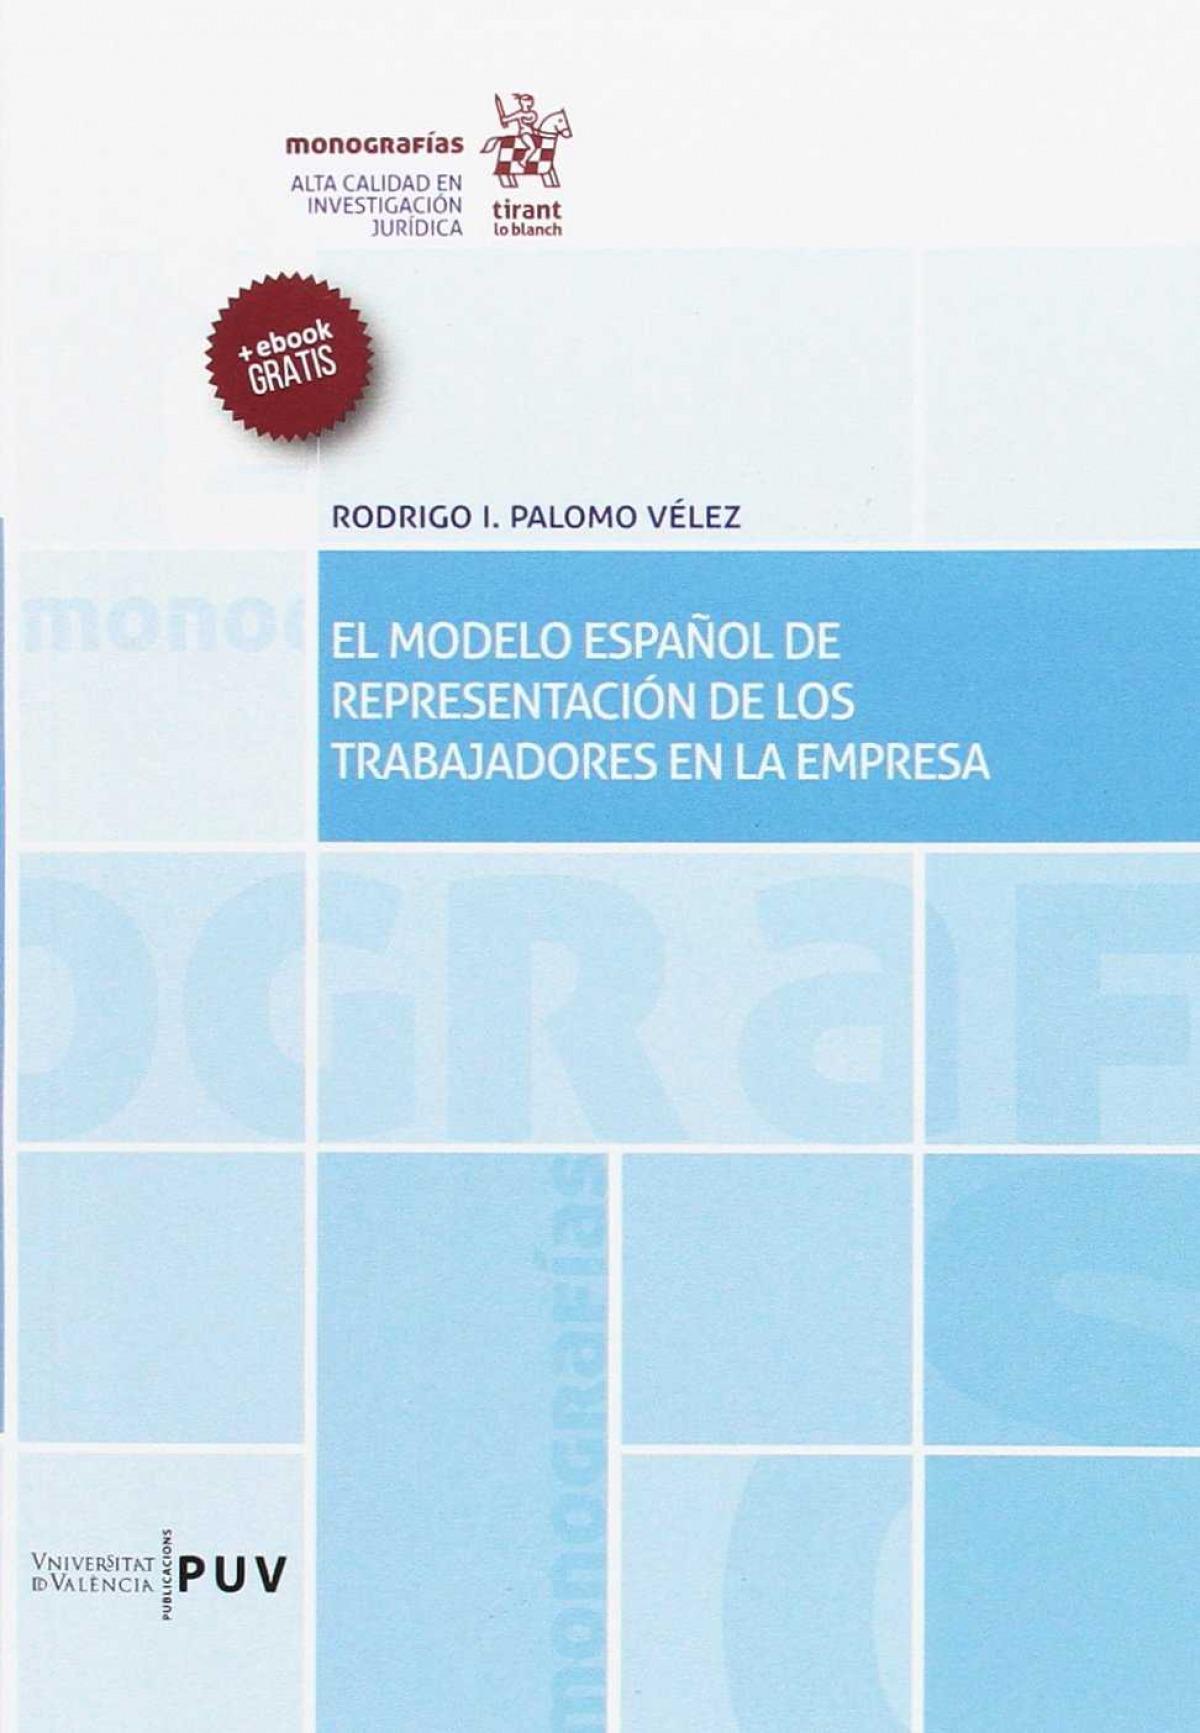 El Modelo Español de Representación de los Trabajadores en la Emp